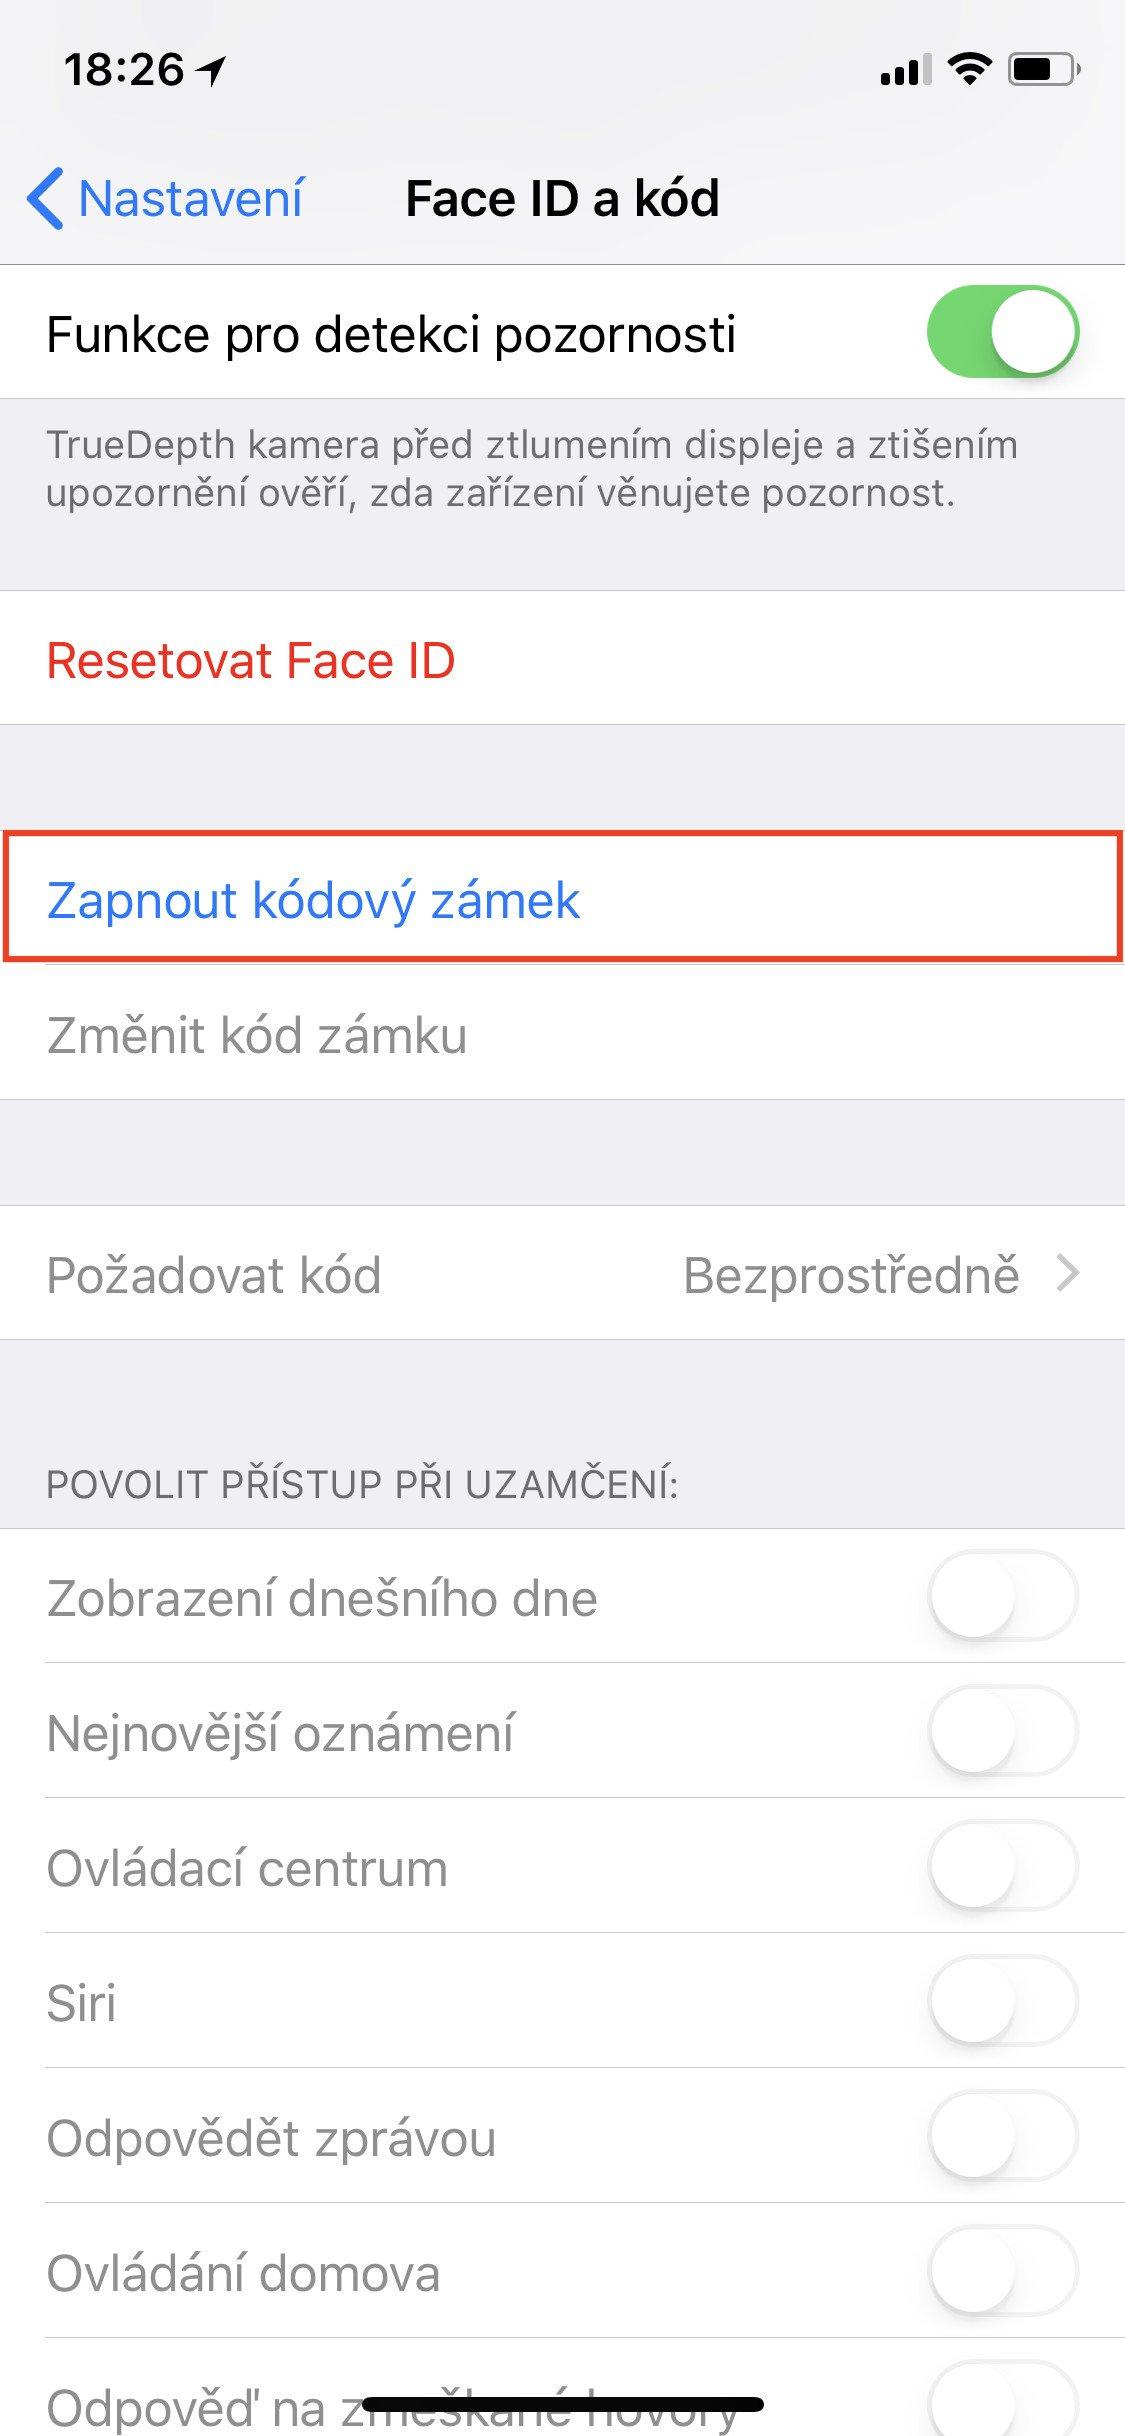 Obrazovka iOS Face ID a kód s vybranou položkou Zapnout kódový zámek